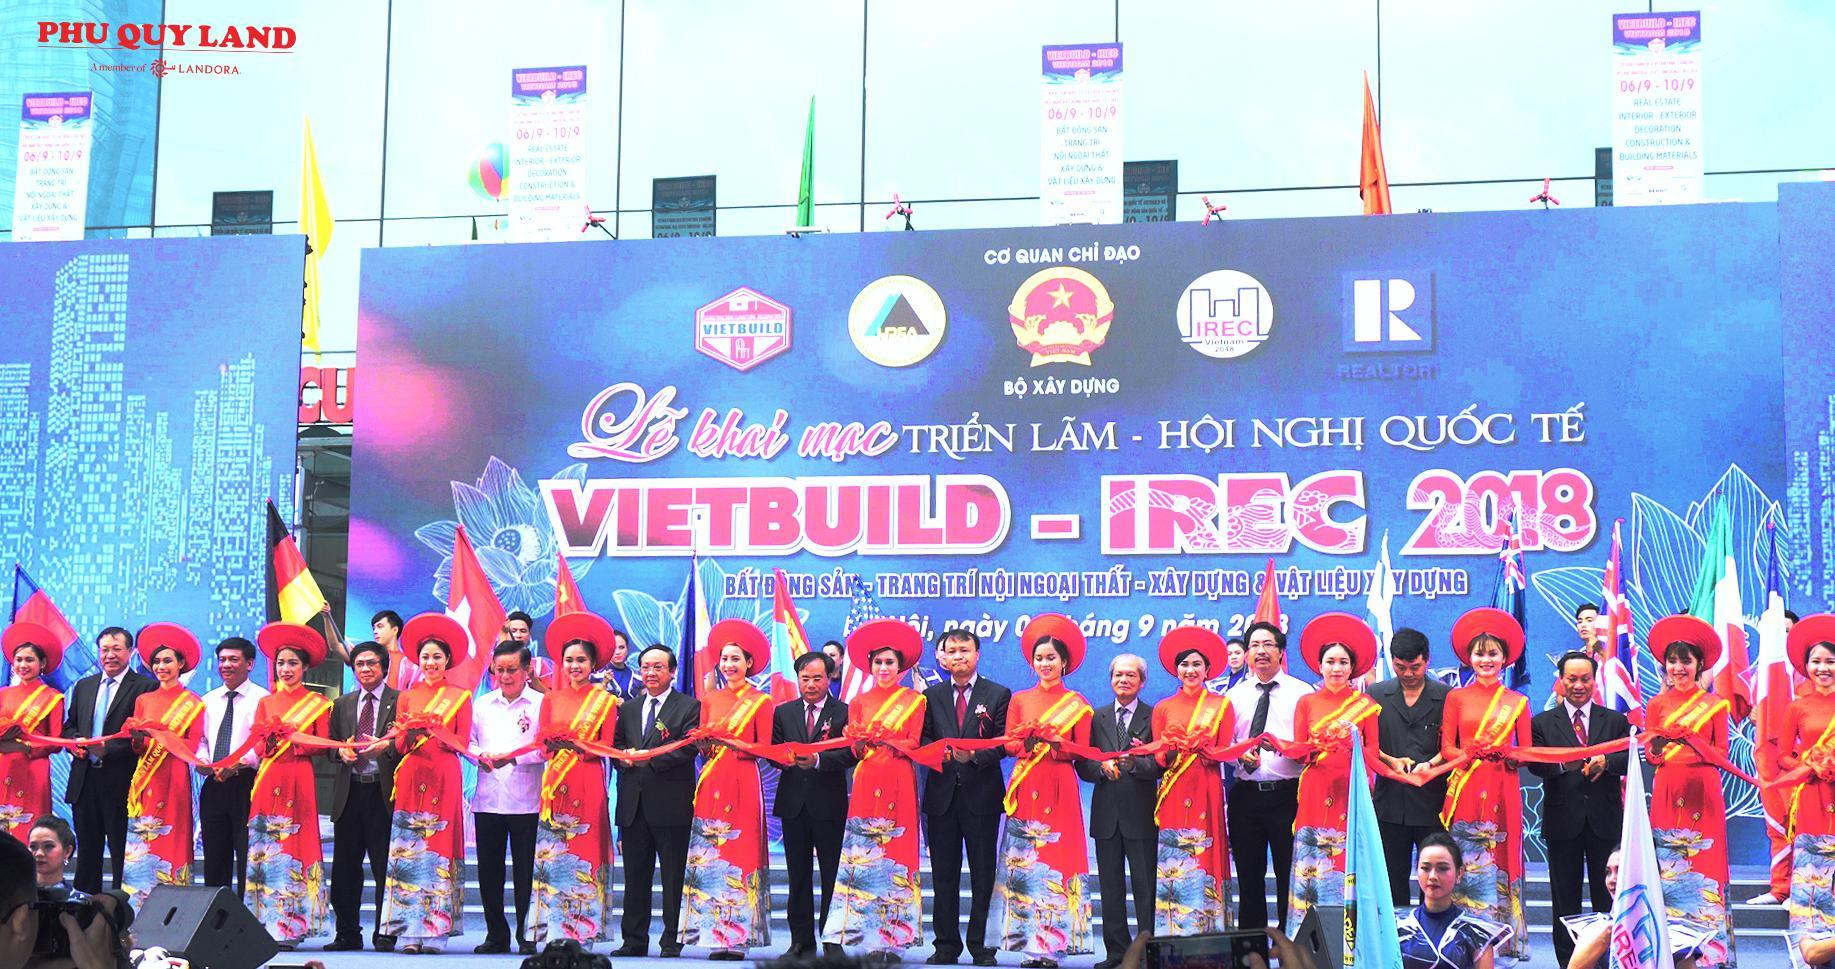 Lễ khai mạc Triển lãm – Hội nghị quốc tế VIETBUILD – IREC 2018